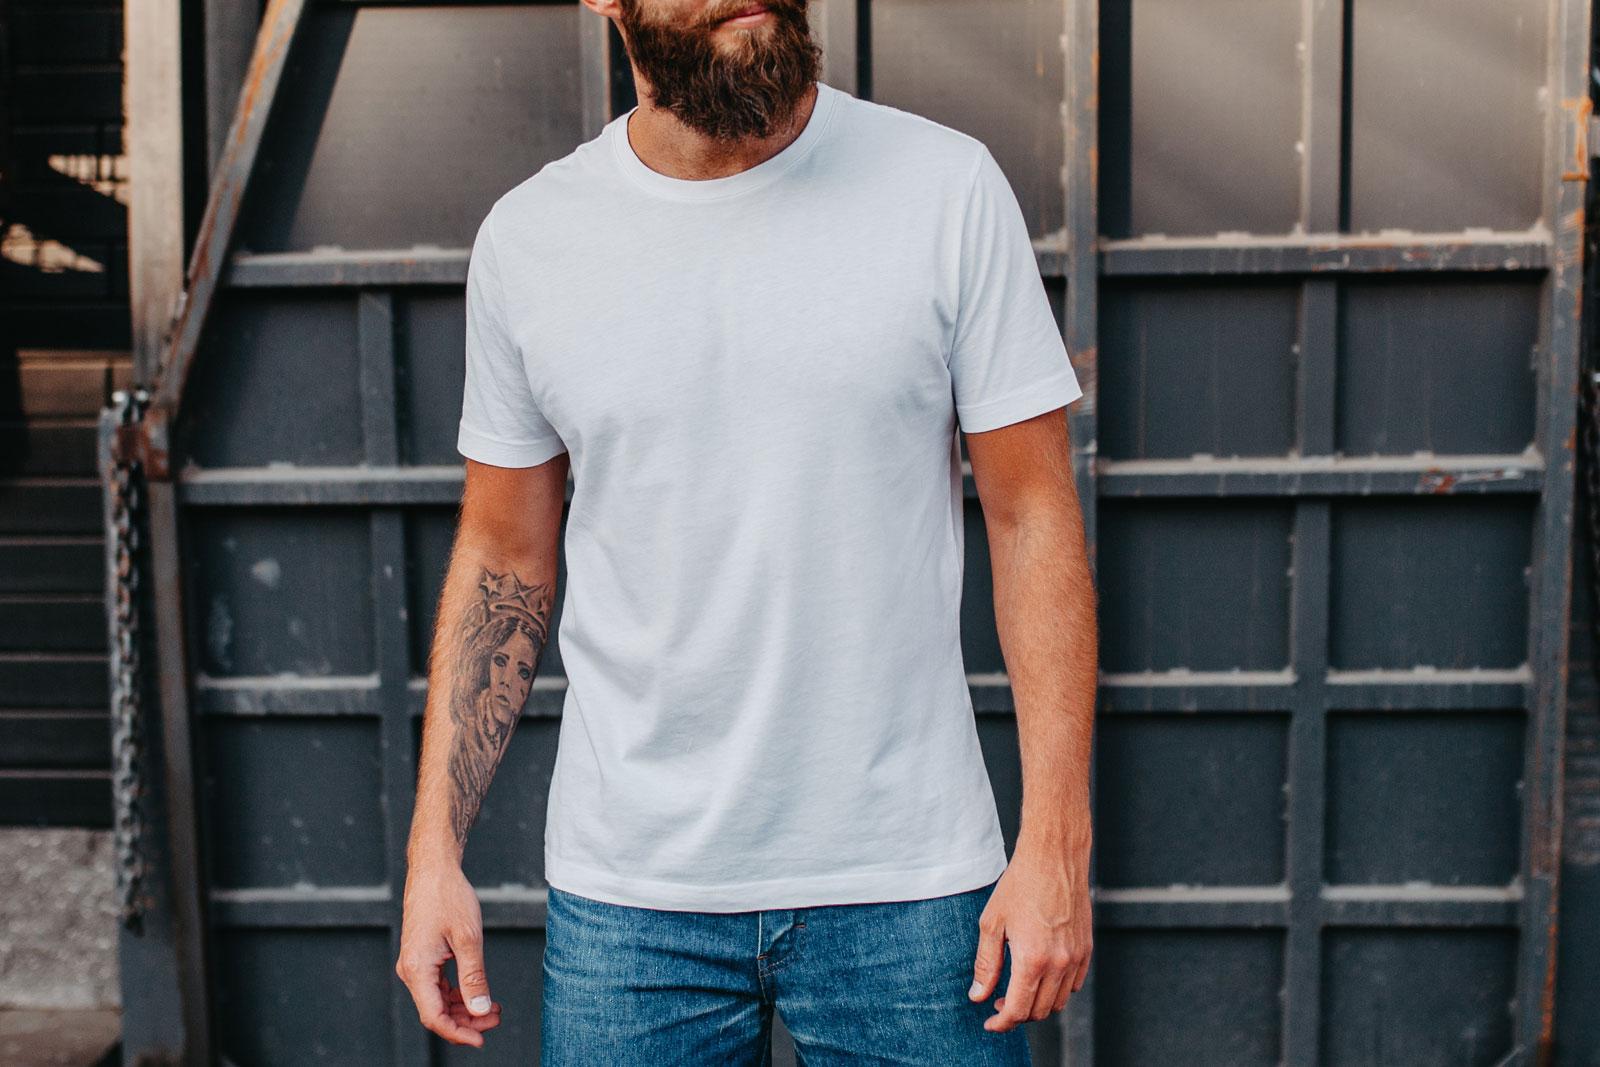 Magliette / t-shirt personalizzate